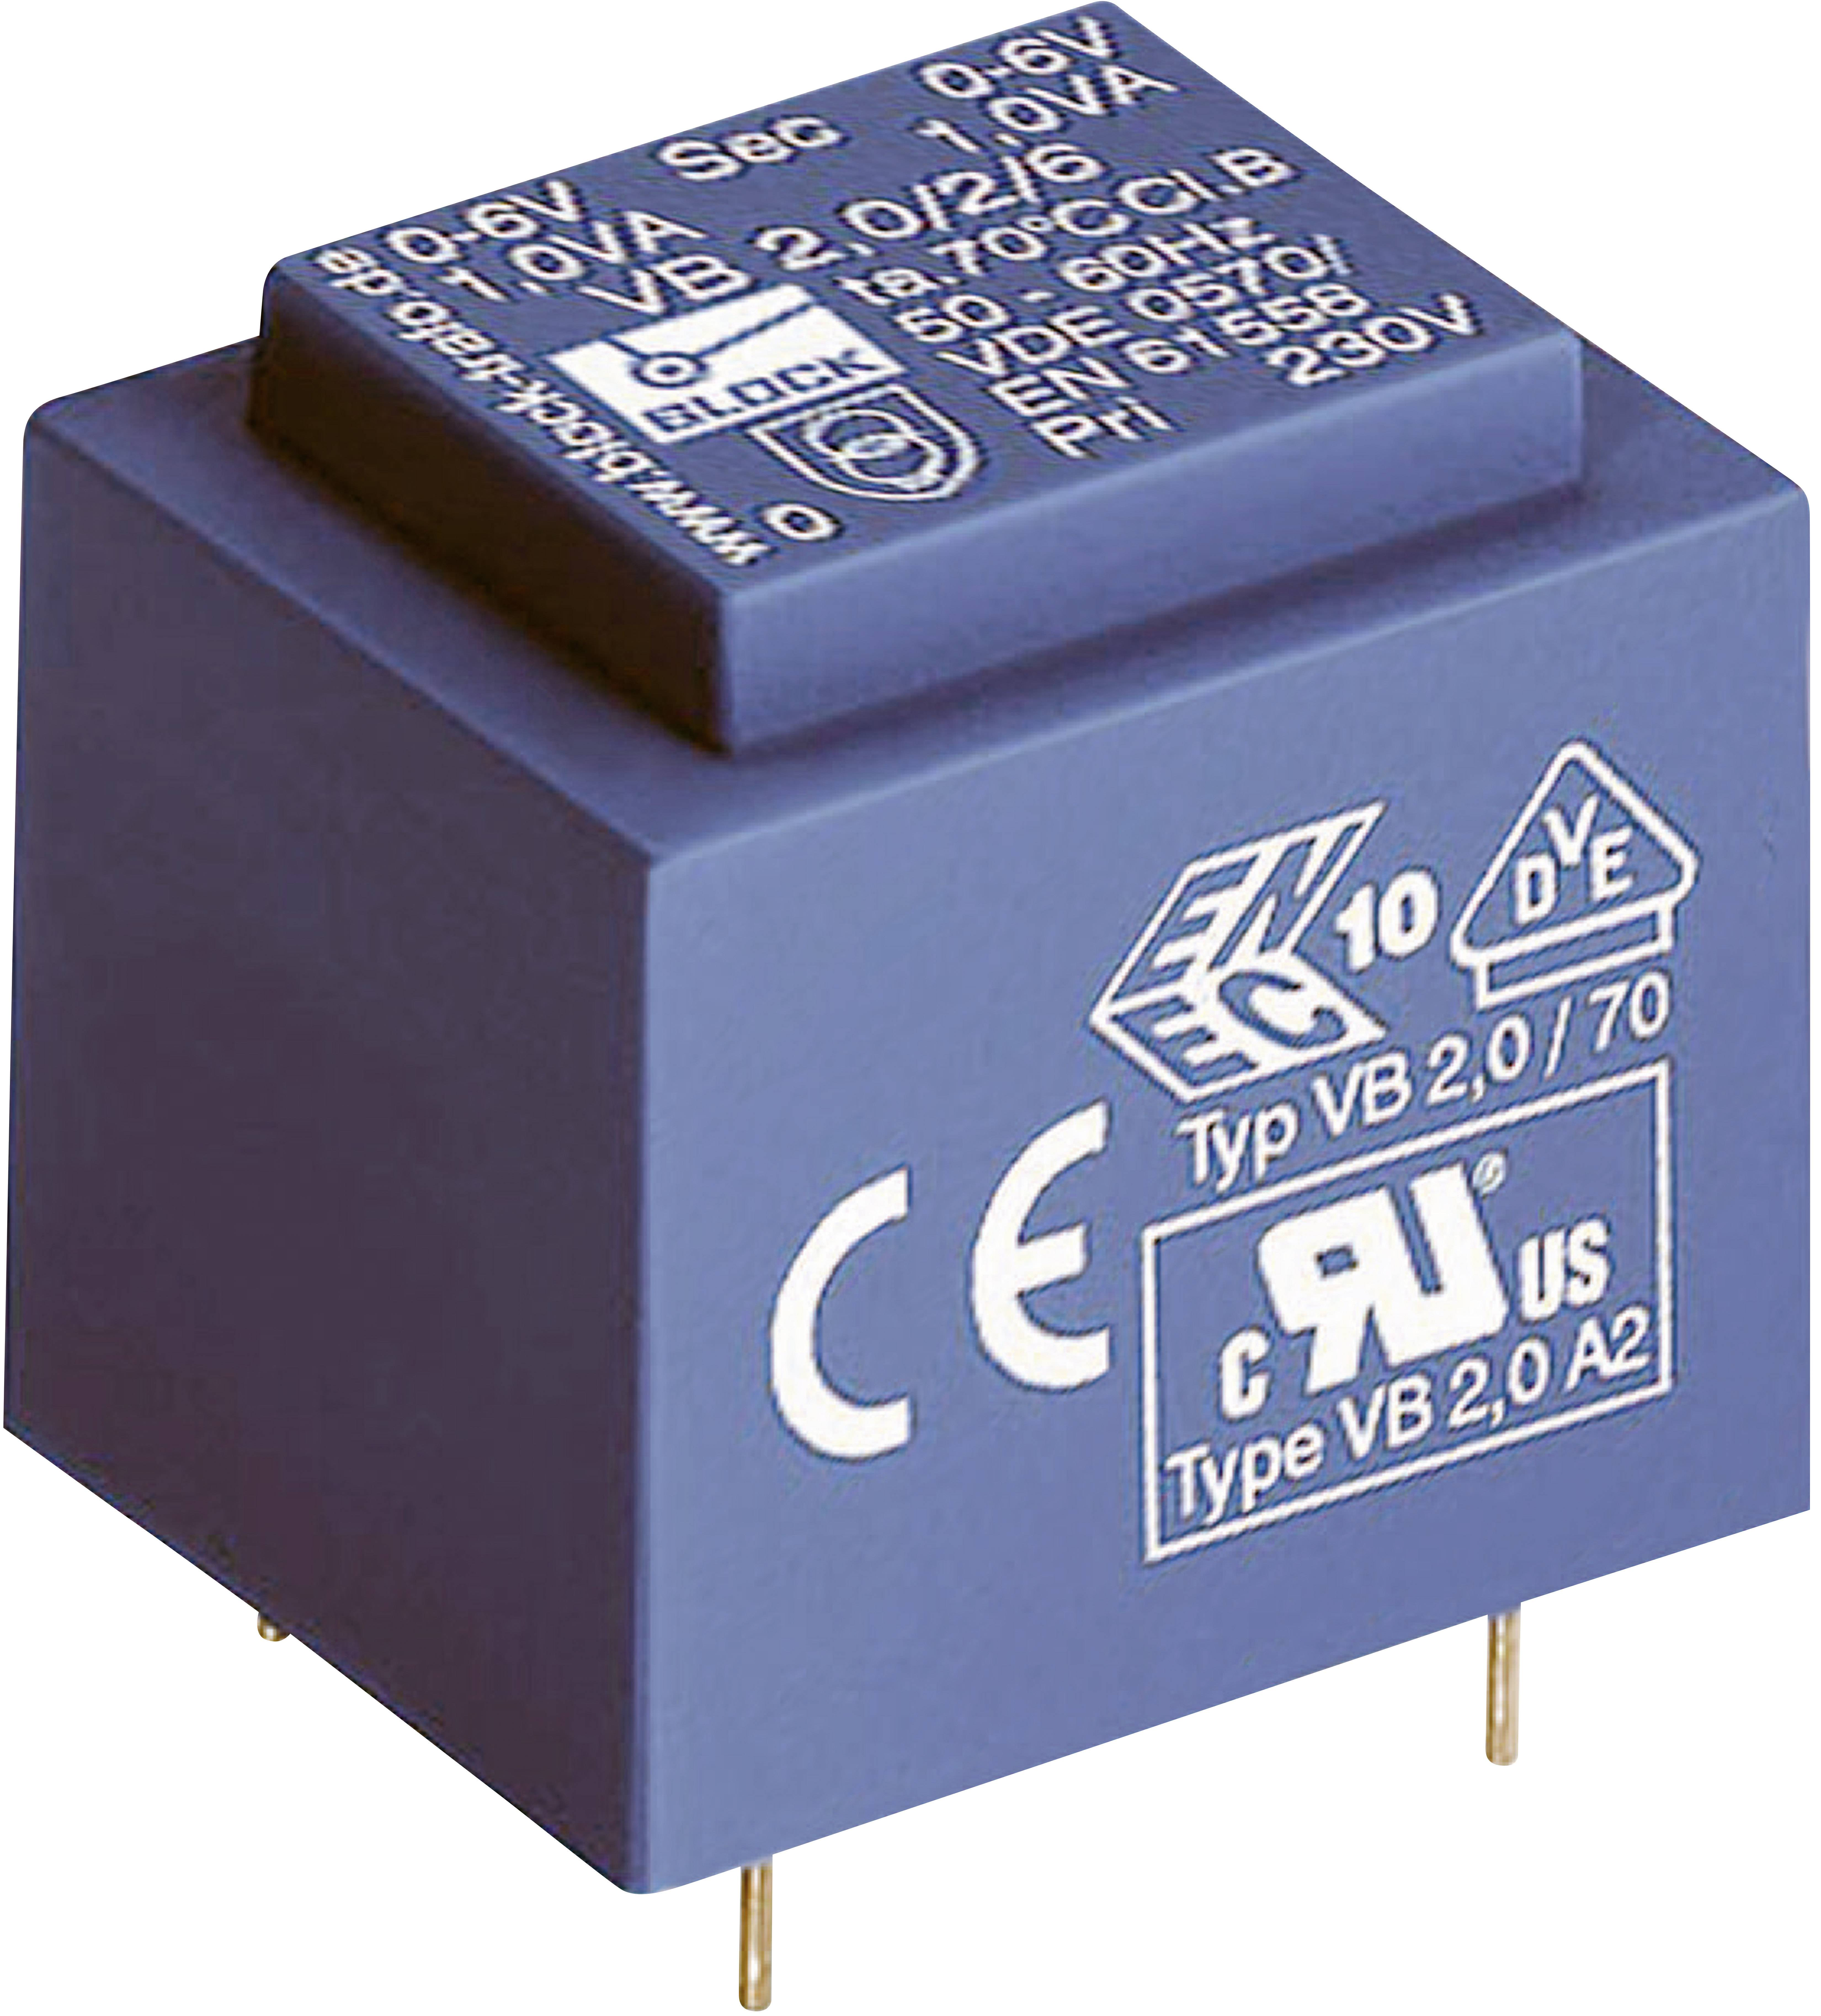 Transformátor do DPS Block VB 2,8/1/18, 2.80 VA